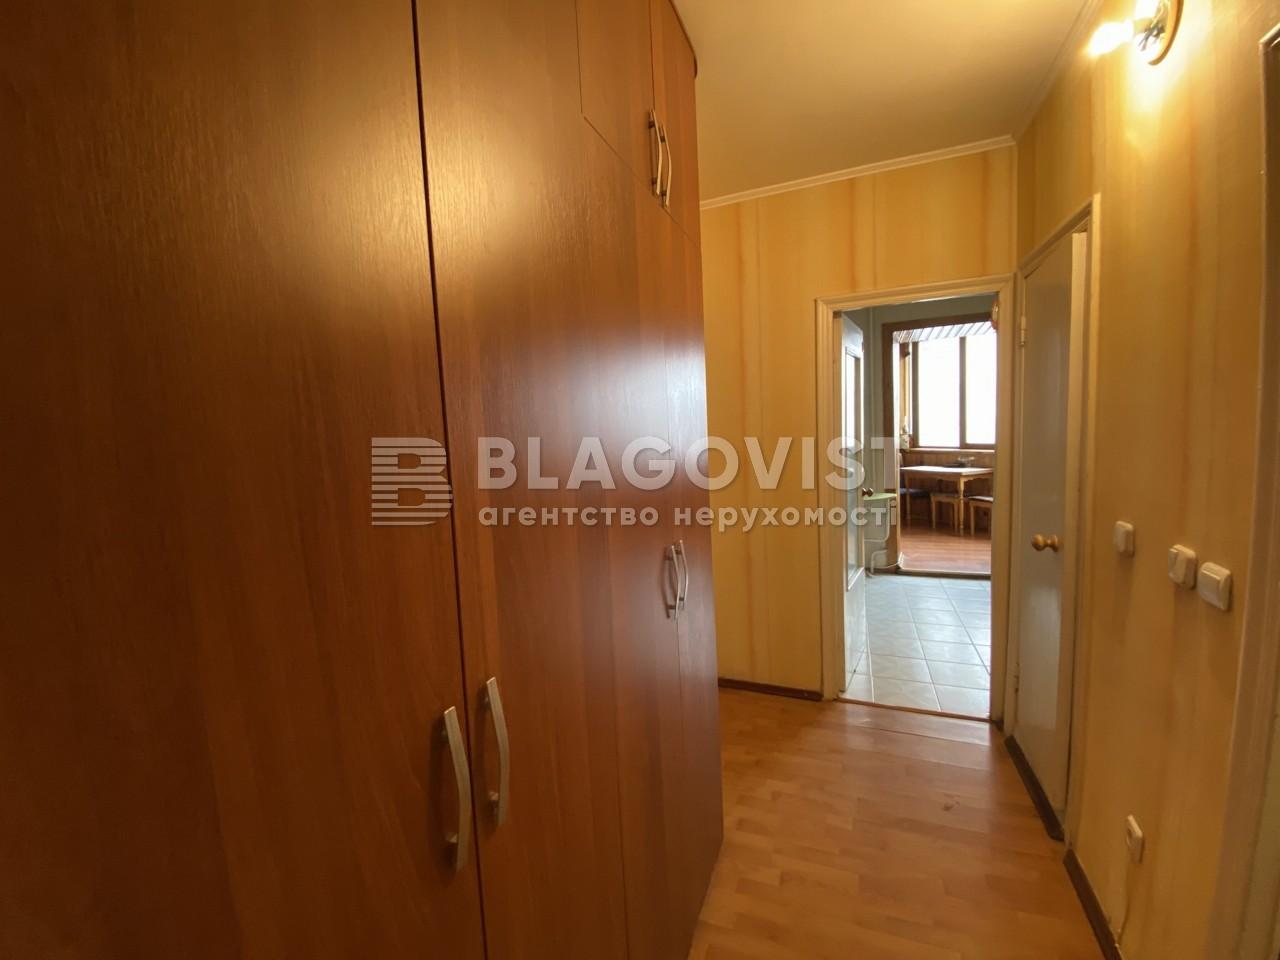 Квартира F-44579, Ревуцкого, 7, Киев - Фото 15